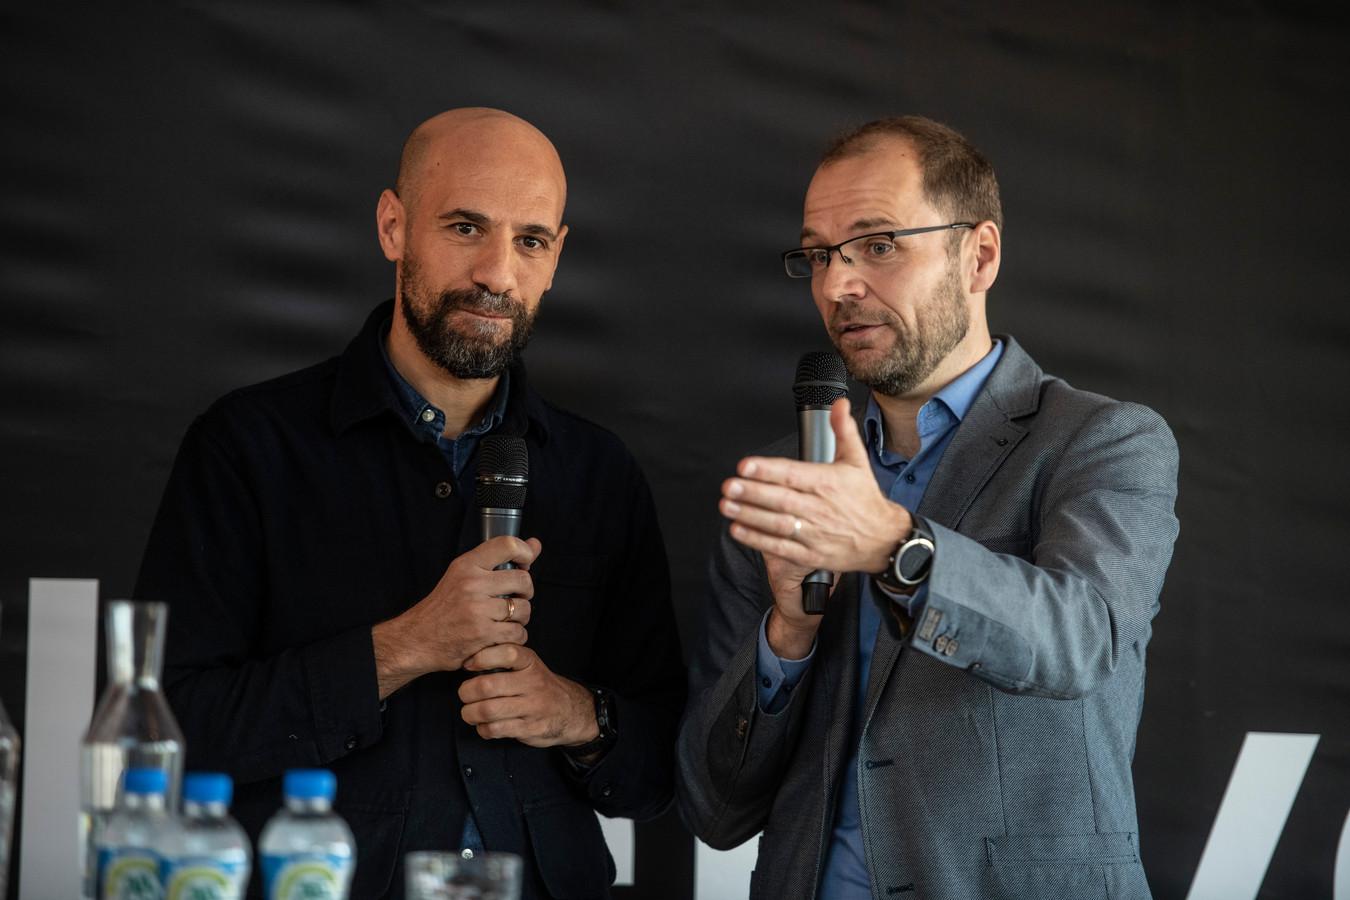 Alexander Vandevelde (rechts) in gesprek met schrijver en hardloper Abdelkader Benali tijdens een persconferentie over de Zevenheuvelenloop.